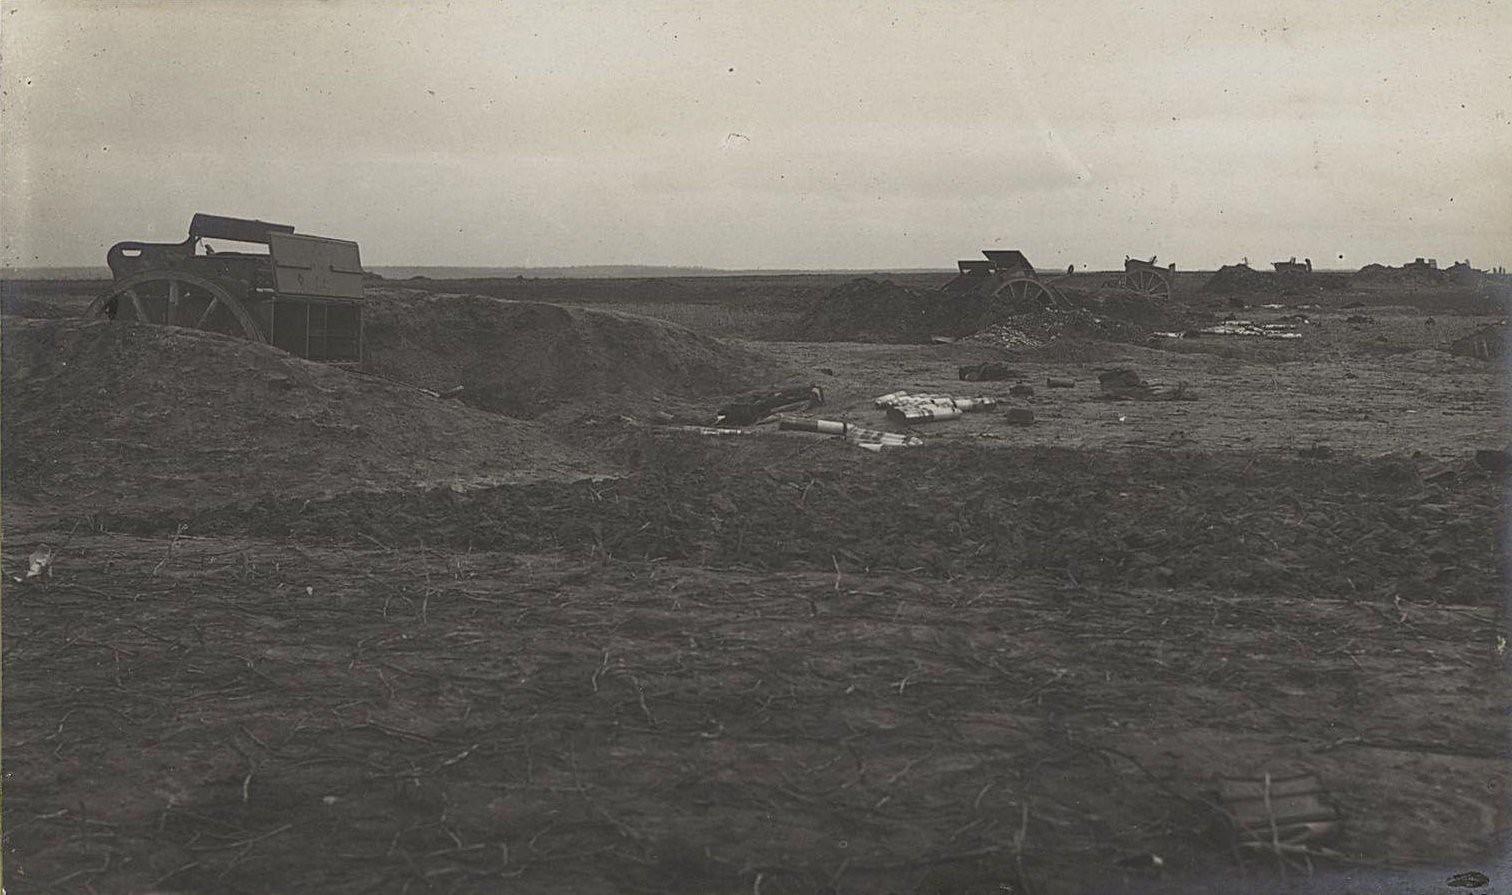 16. Австро-германские окопы, взятые между с. Высоке и Тарнавкой. Артиллерийский окоп с оставленными зарядными ящиками